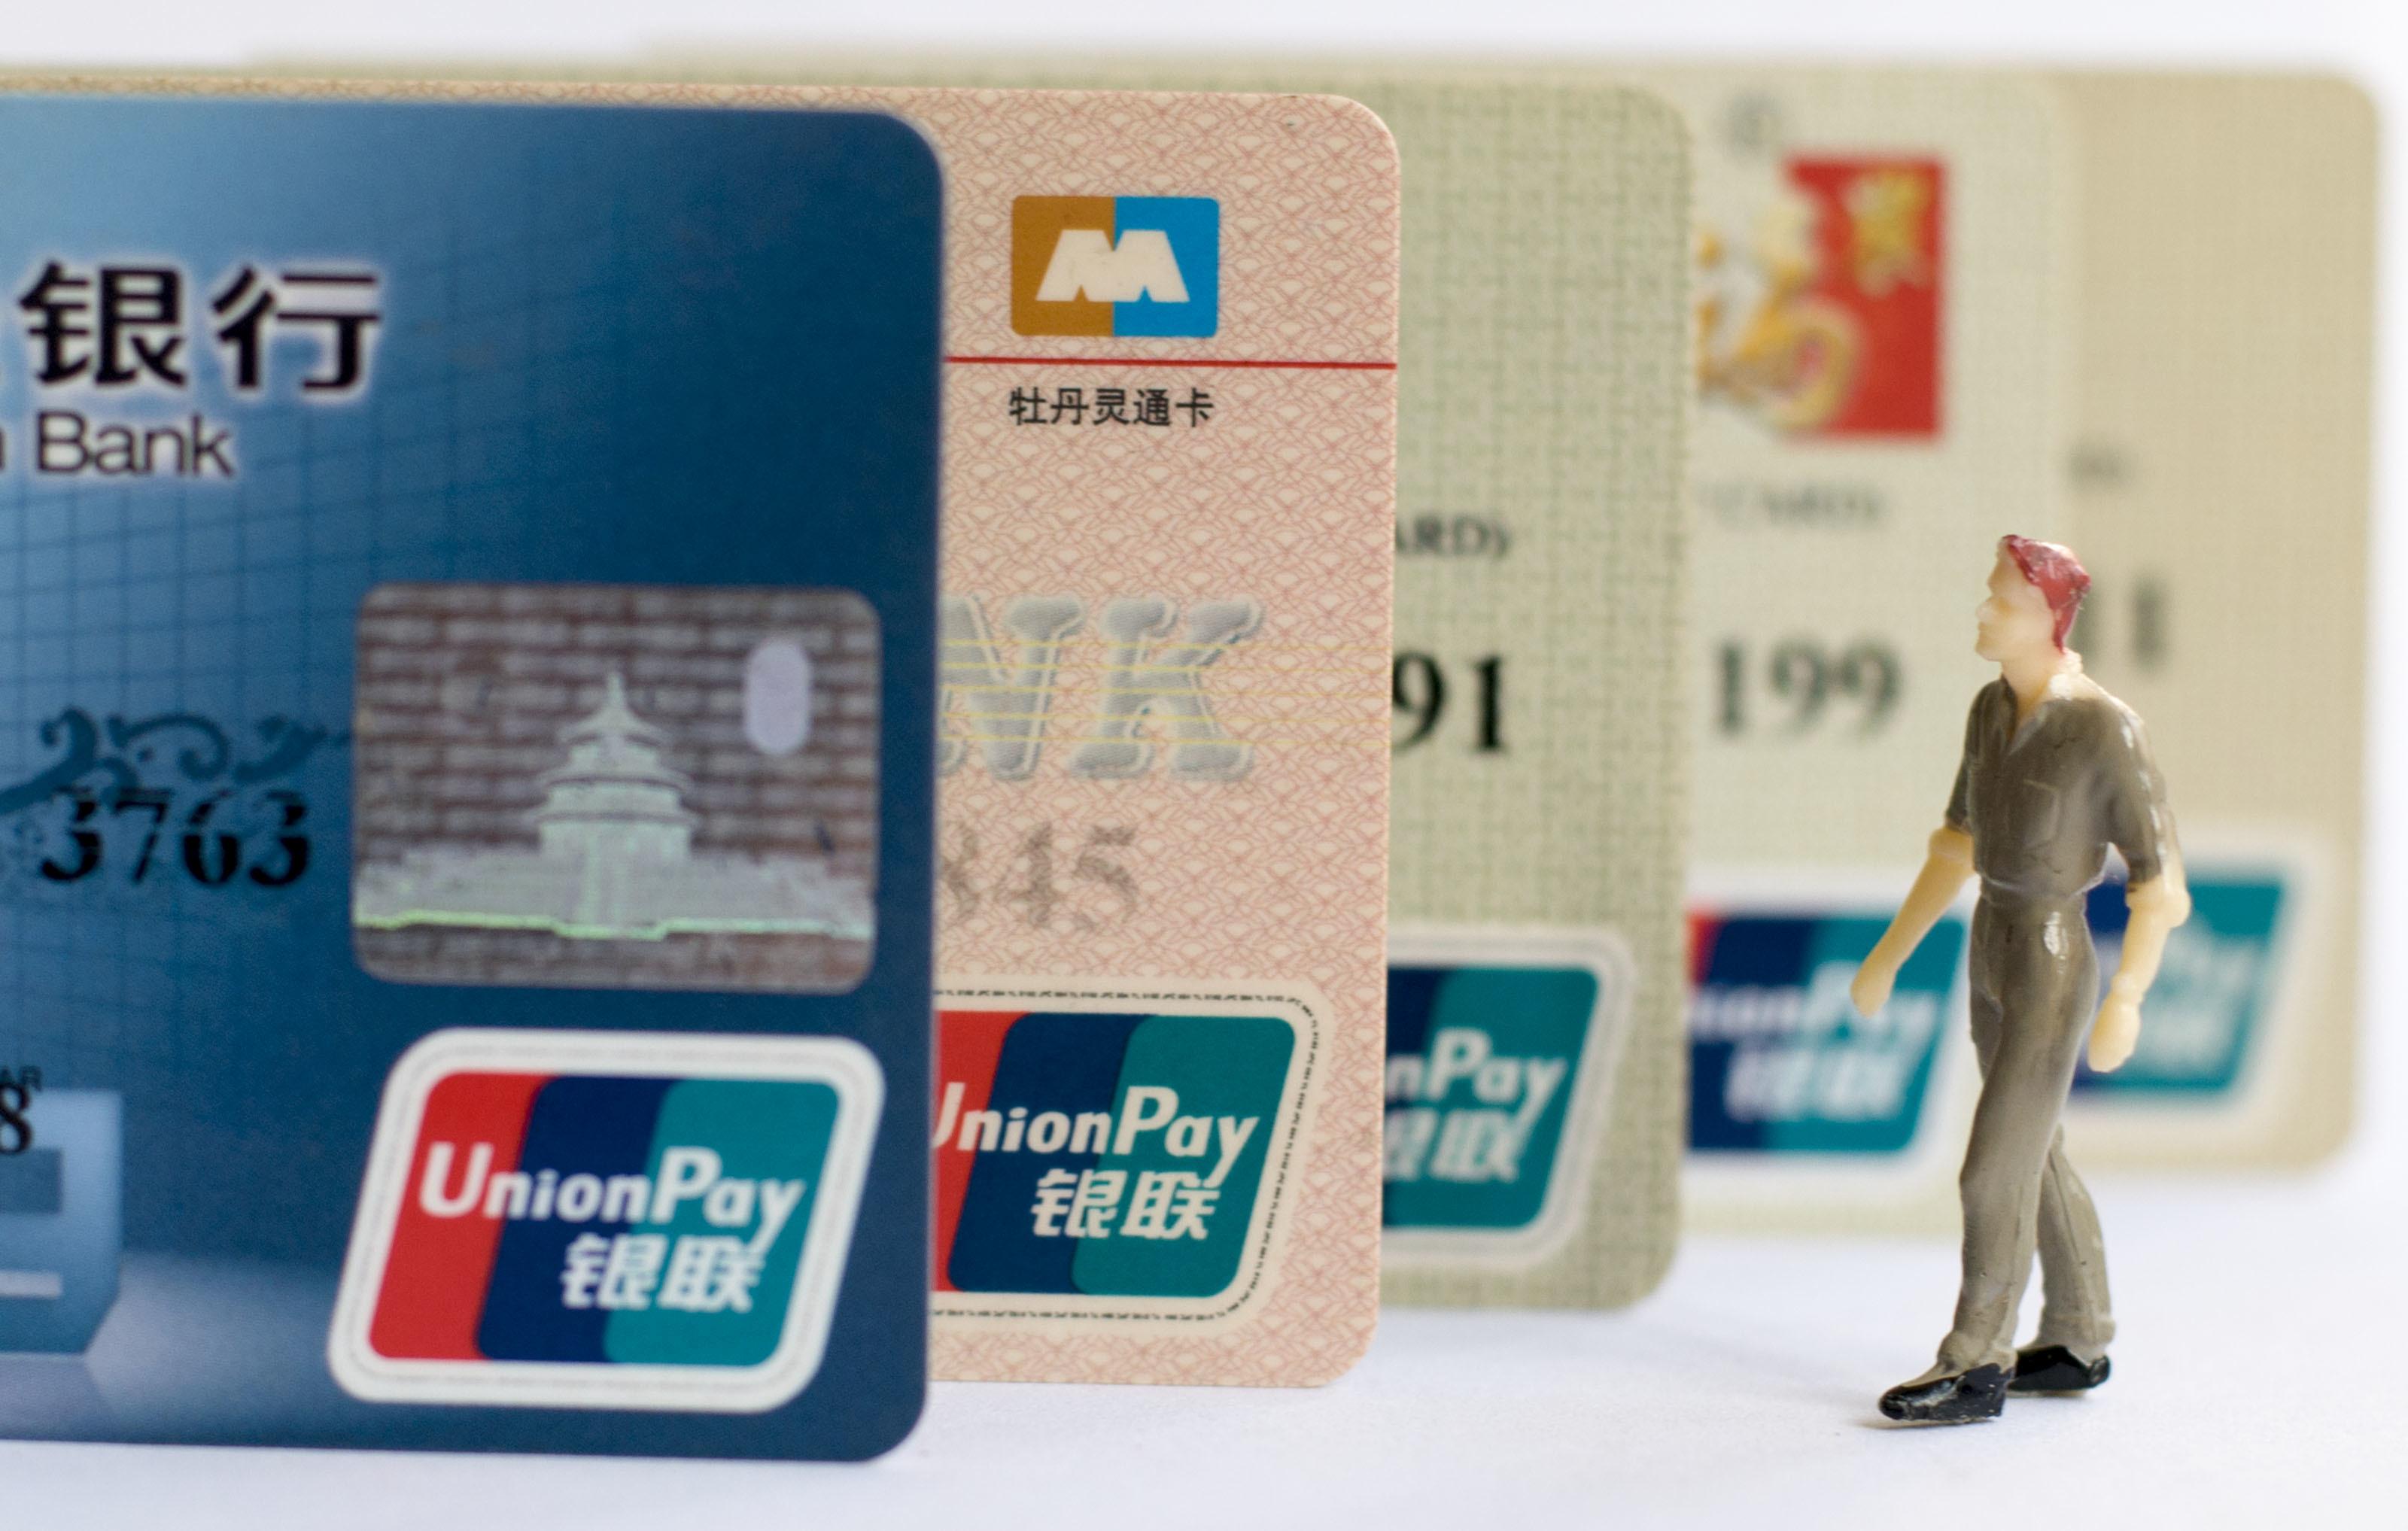 信用卡被刷掉90%后有什么影响?